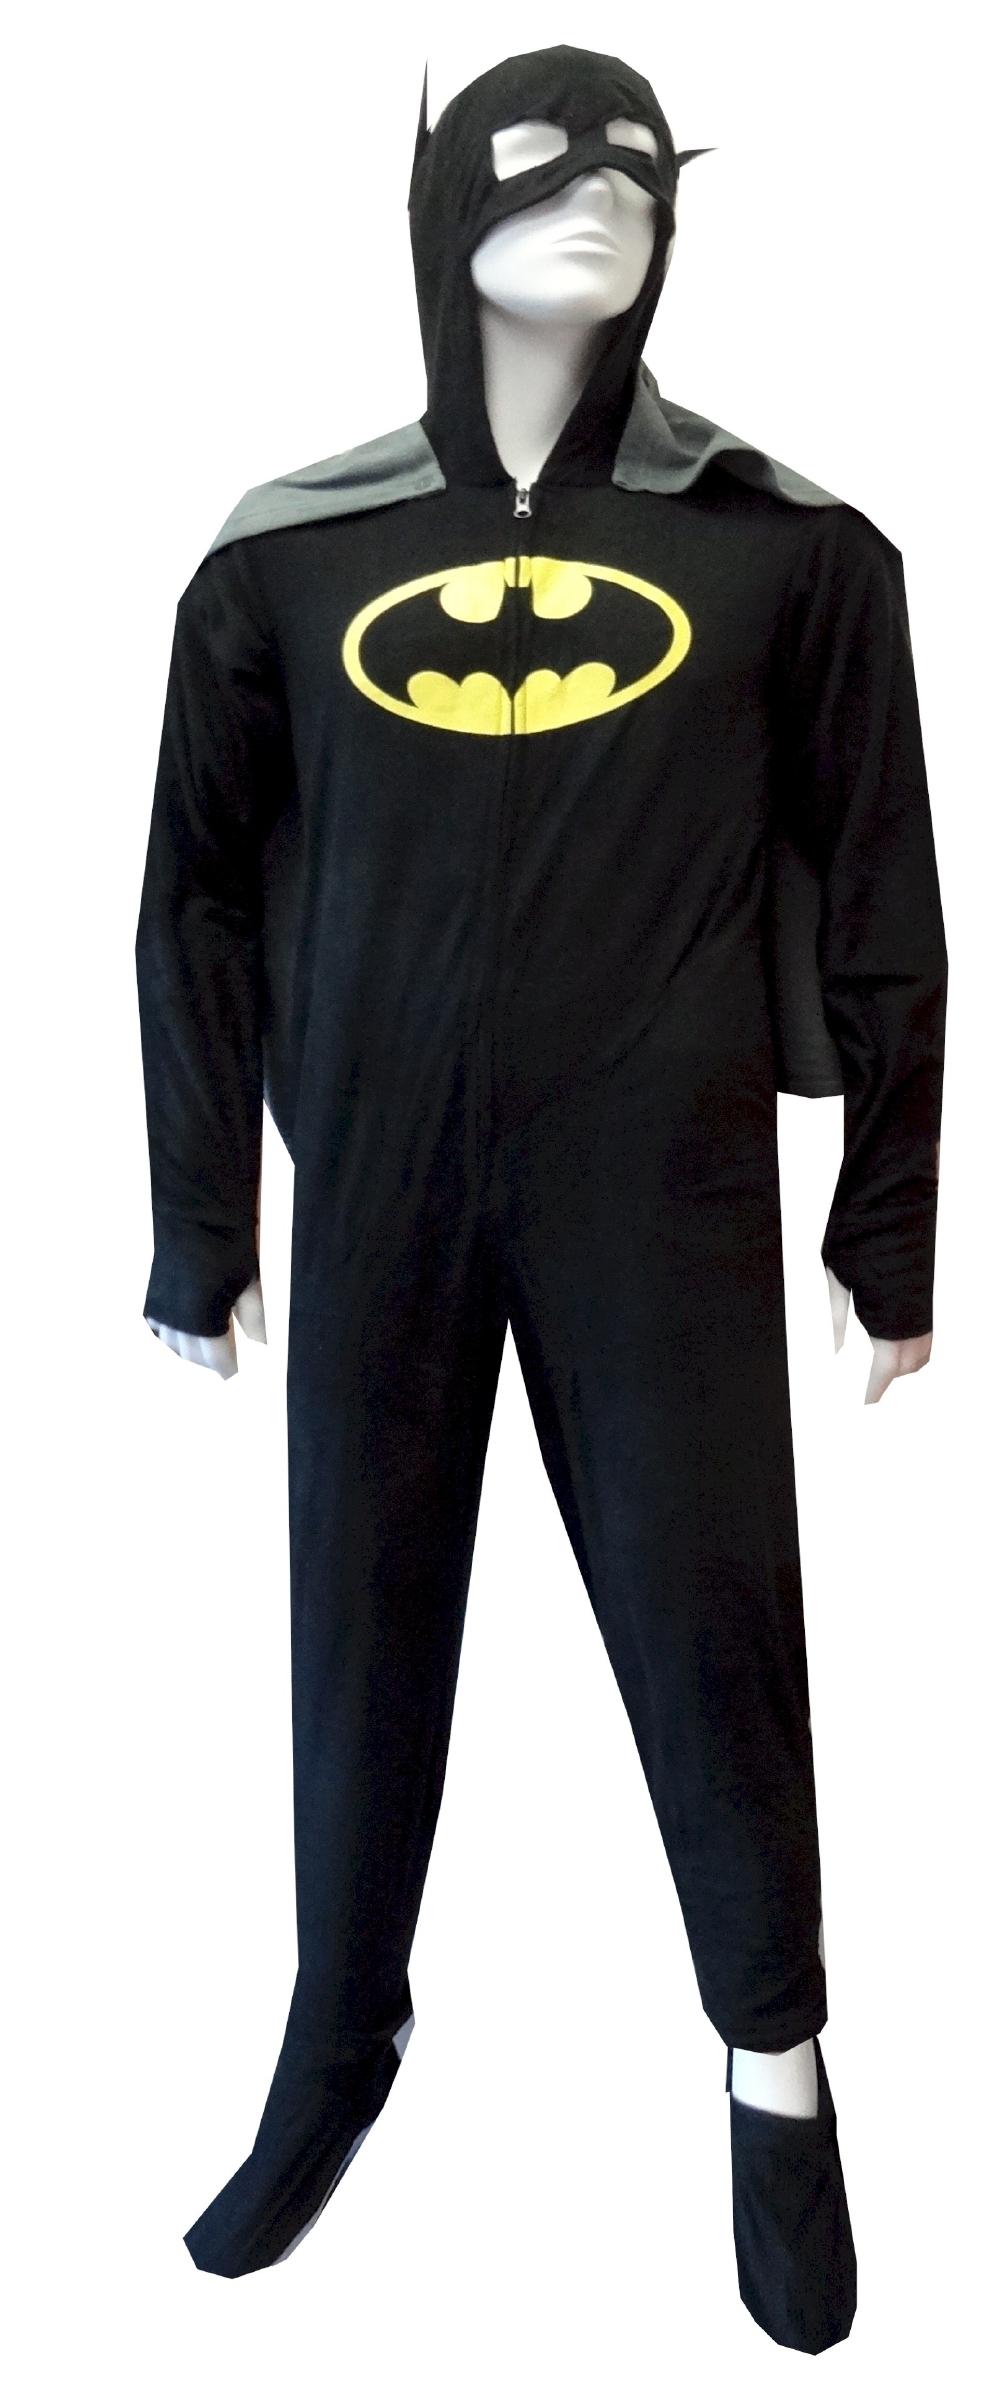 Superhero Onesie Pajamas | Batman Onesie | Superhero Onesies for Men